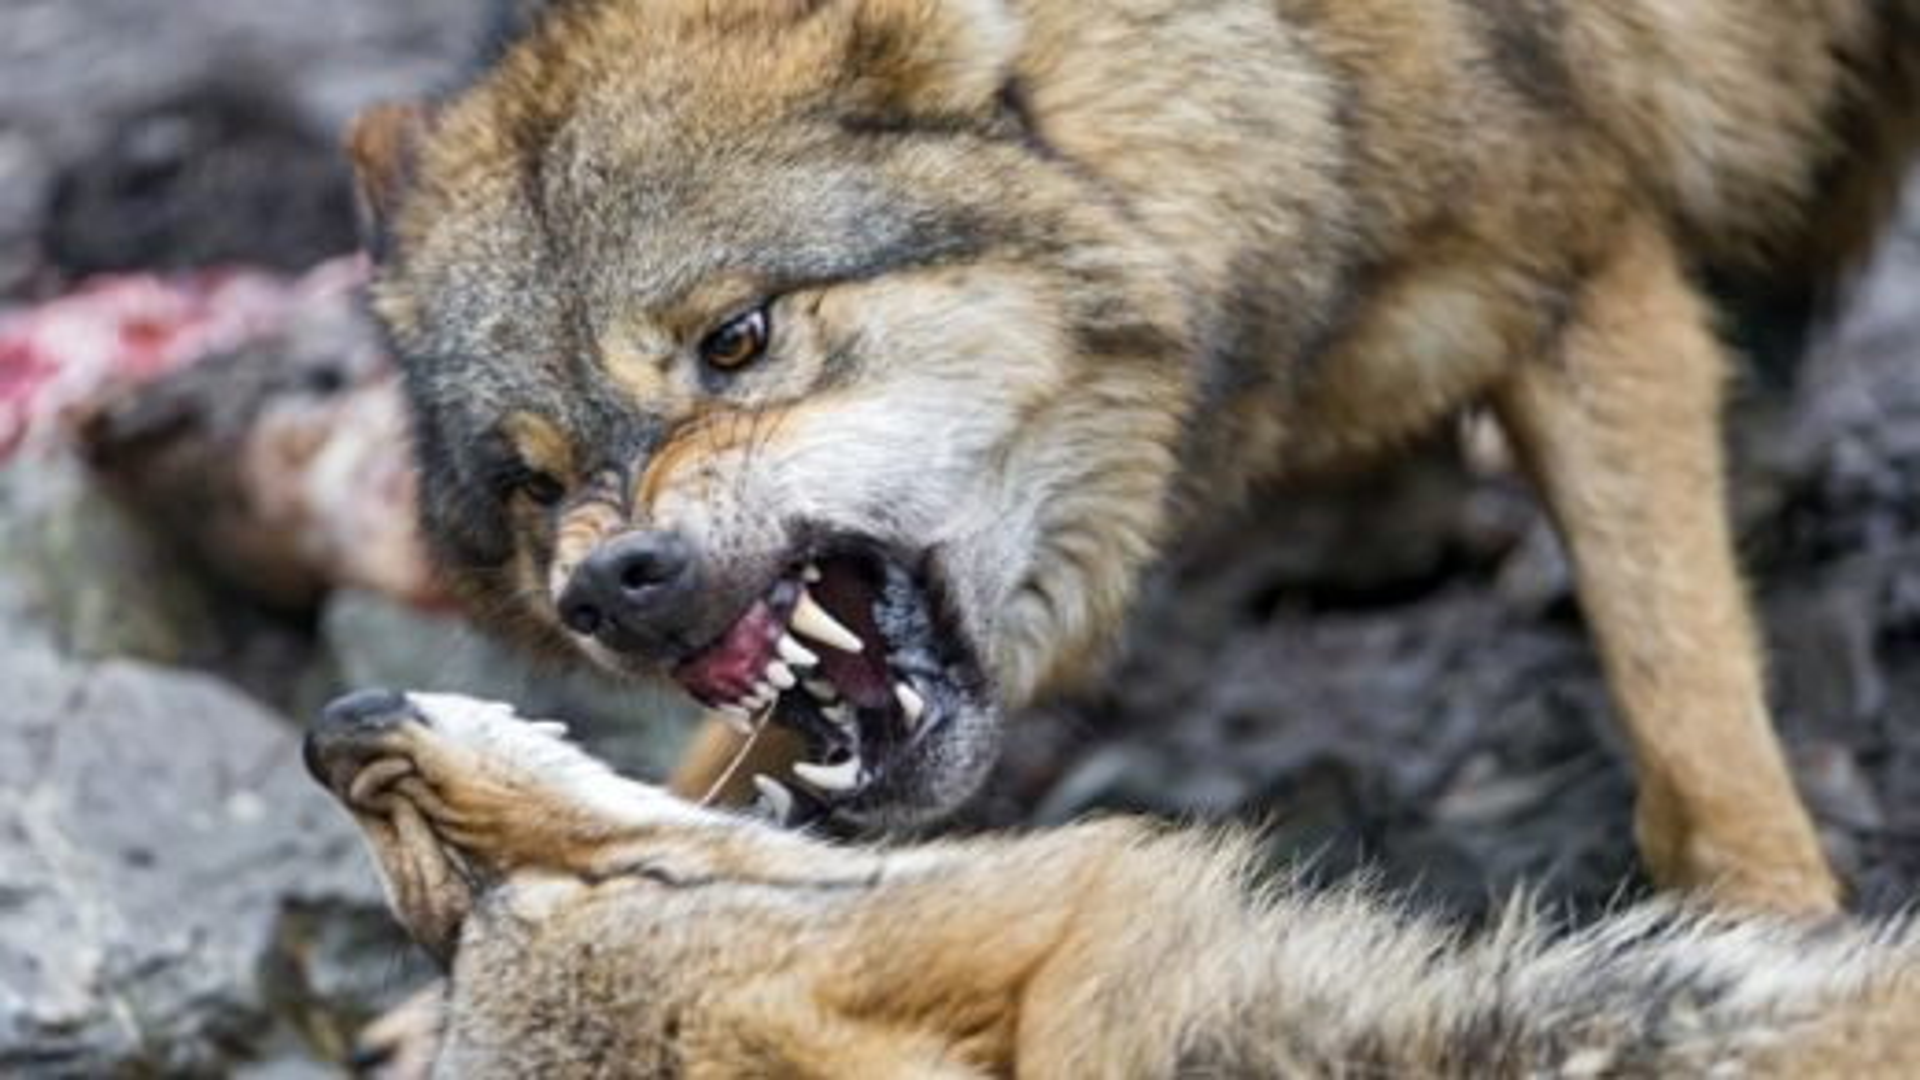 گرگهای آلپ | تگ